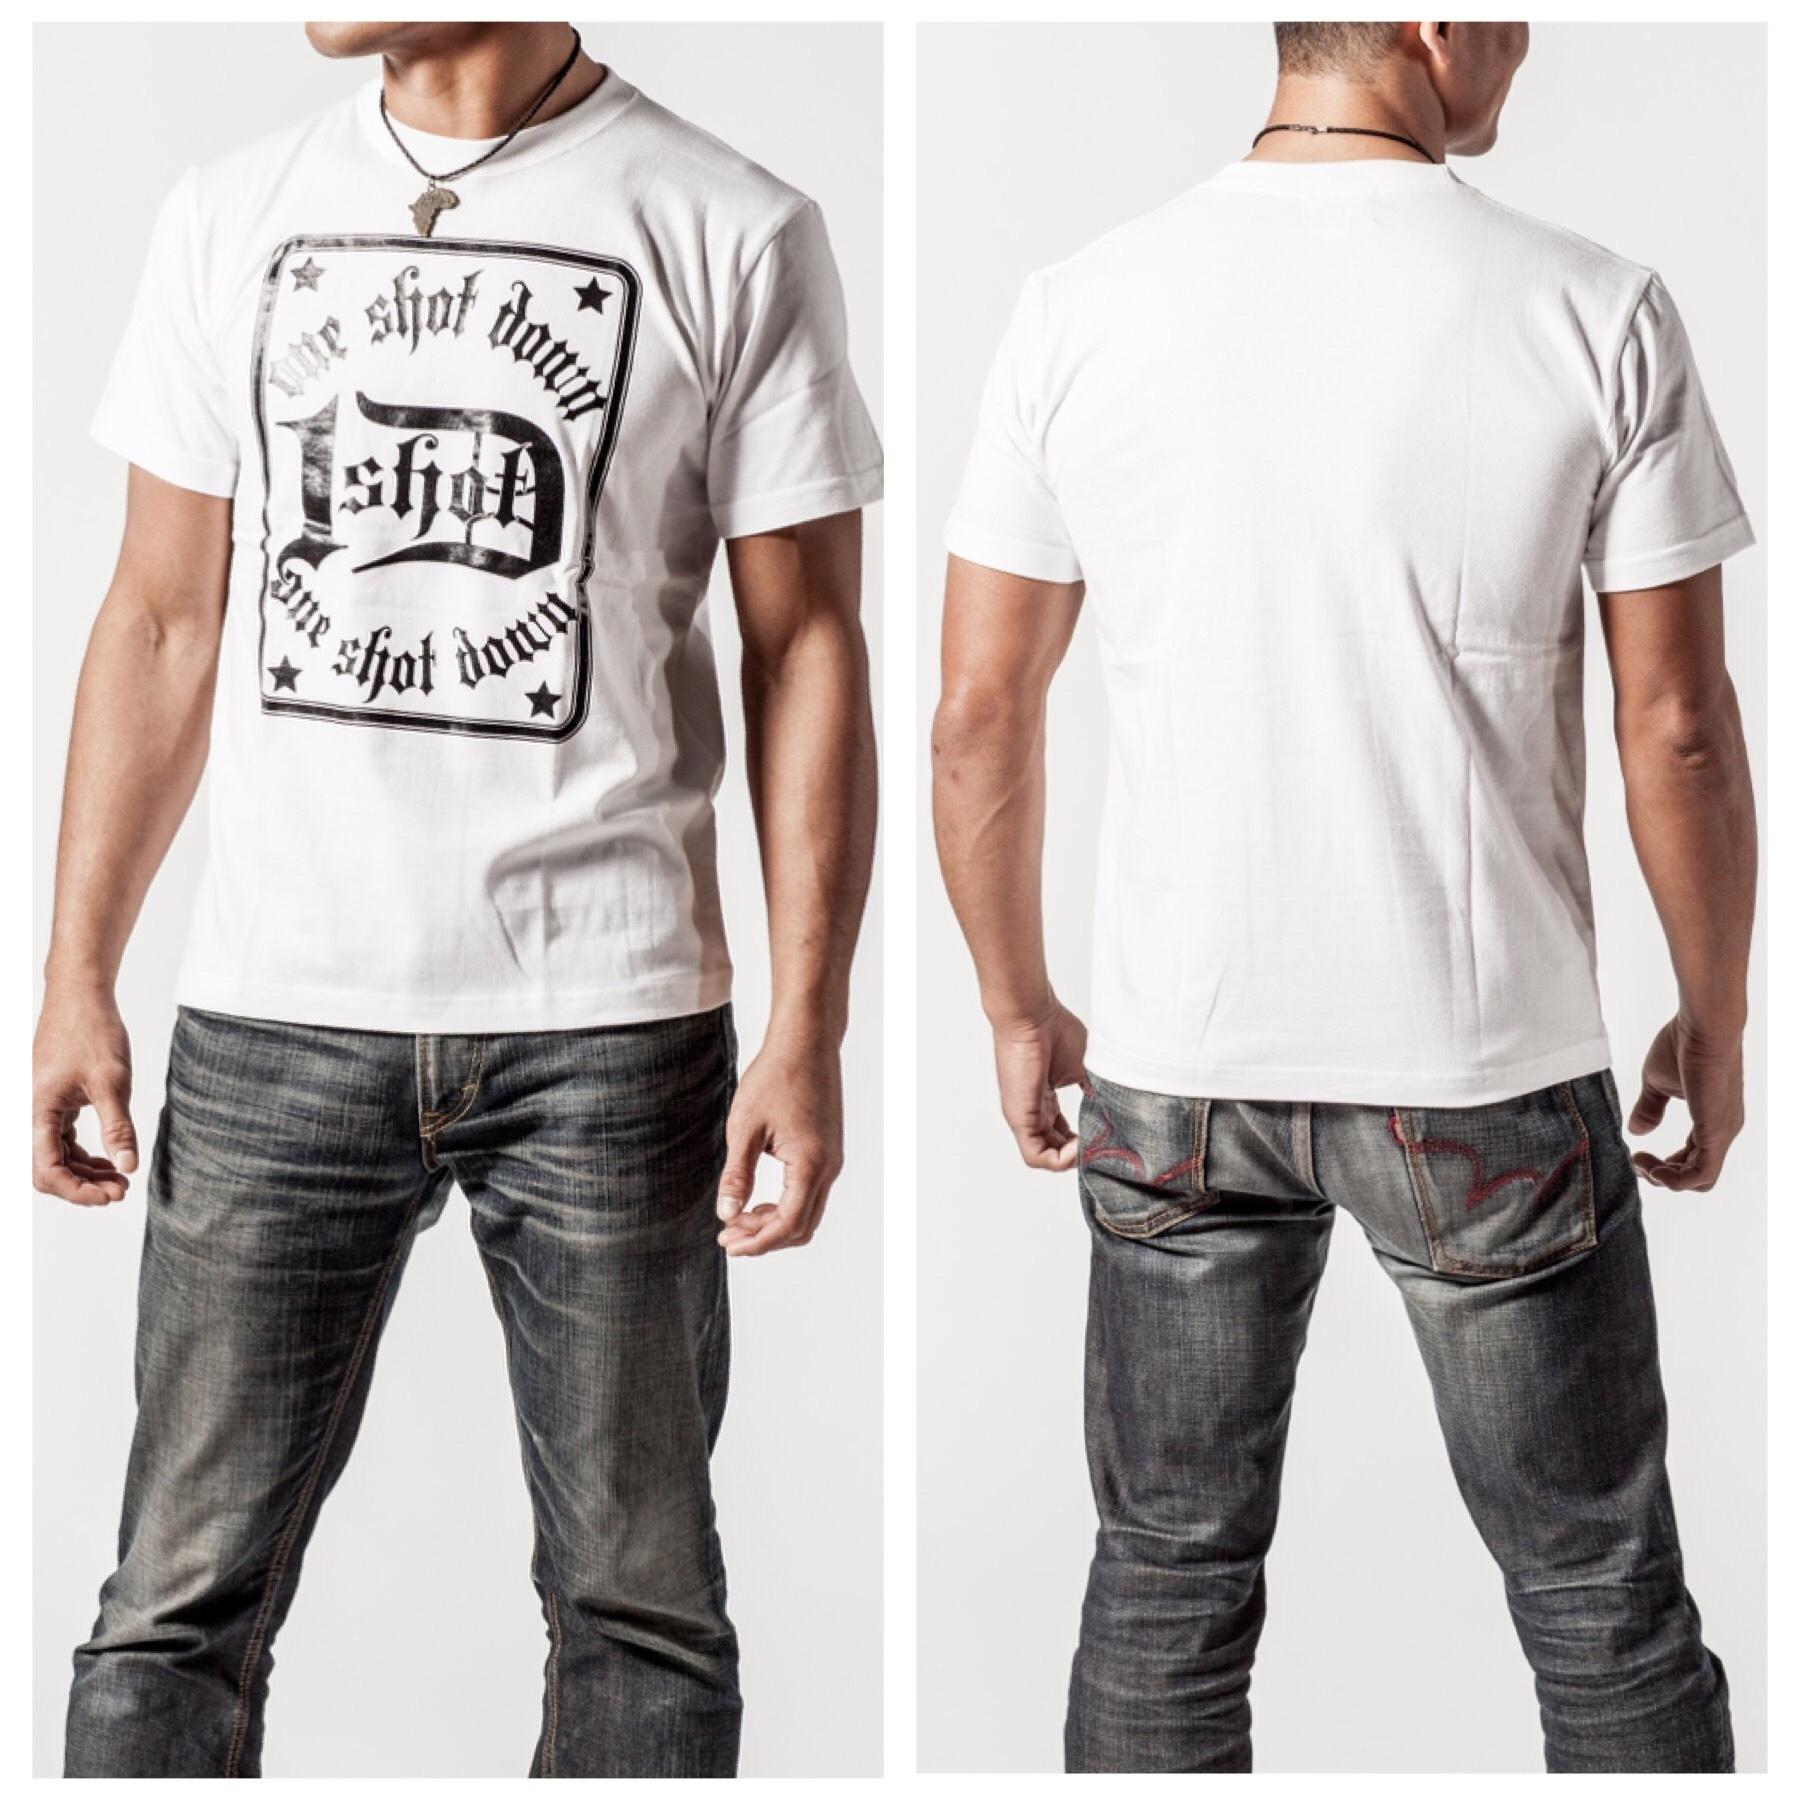 ONESHOTDOWN トランプスタイル デザイン Tシャツ - 画像3